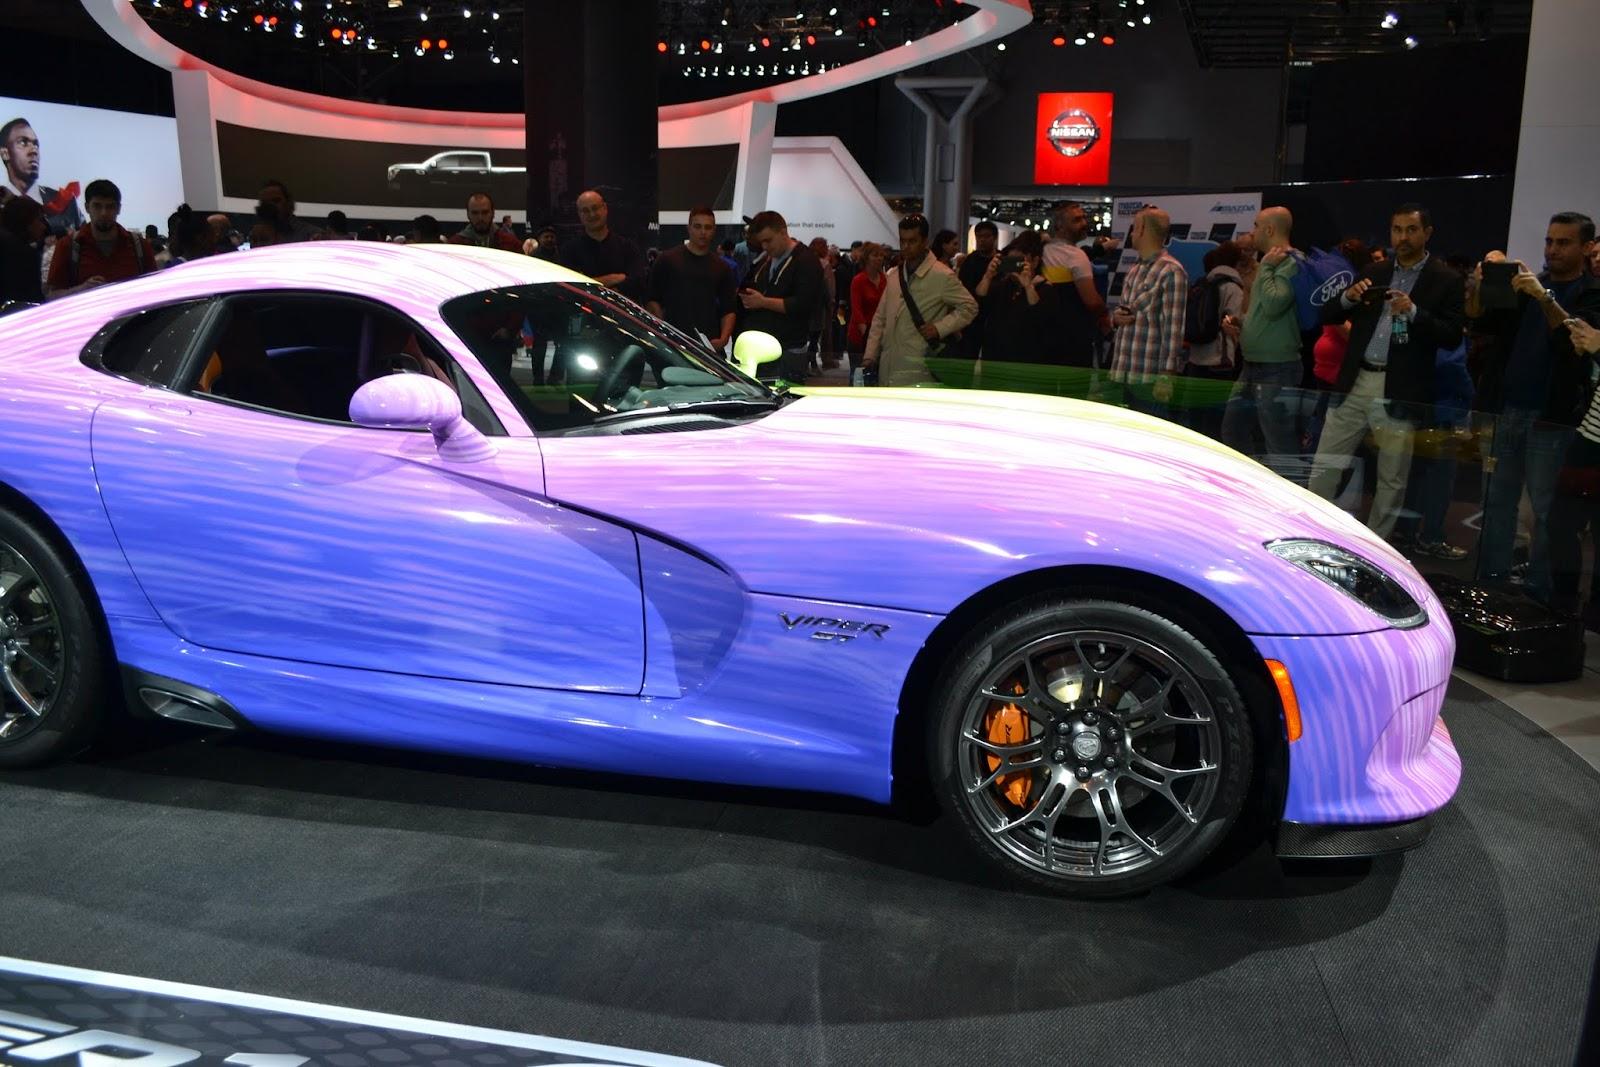 Dodge Viper. Ежегодное автошоу в Нью-Йорке - 2015 (New York International Auto Show - 2015)